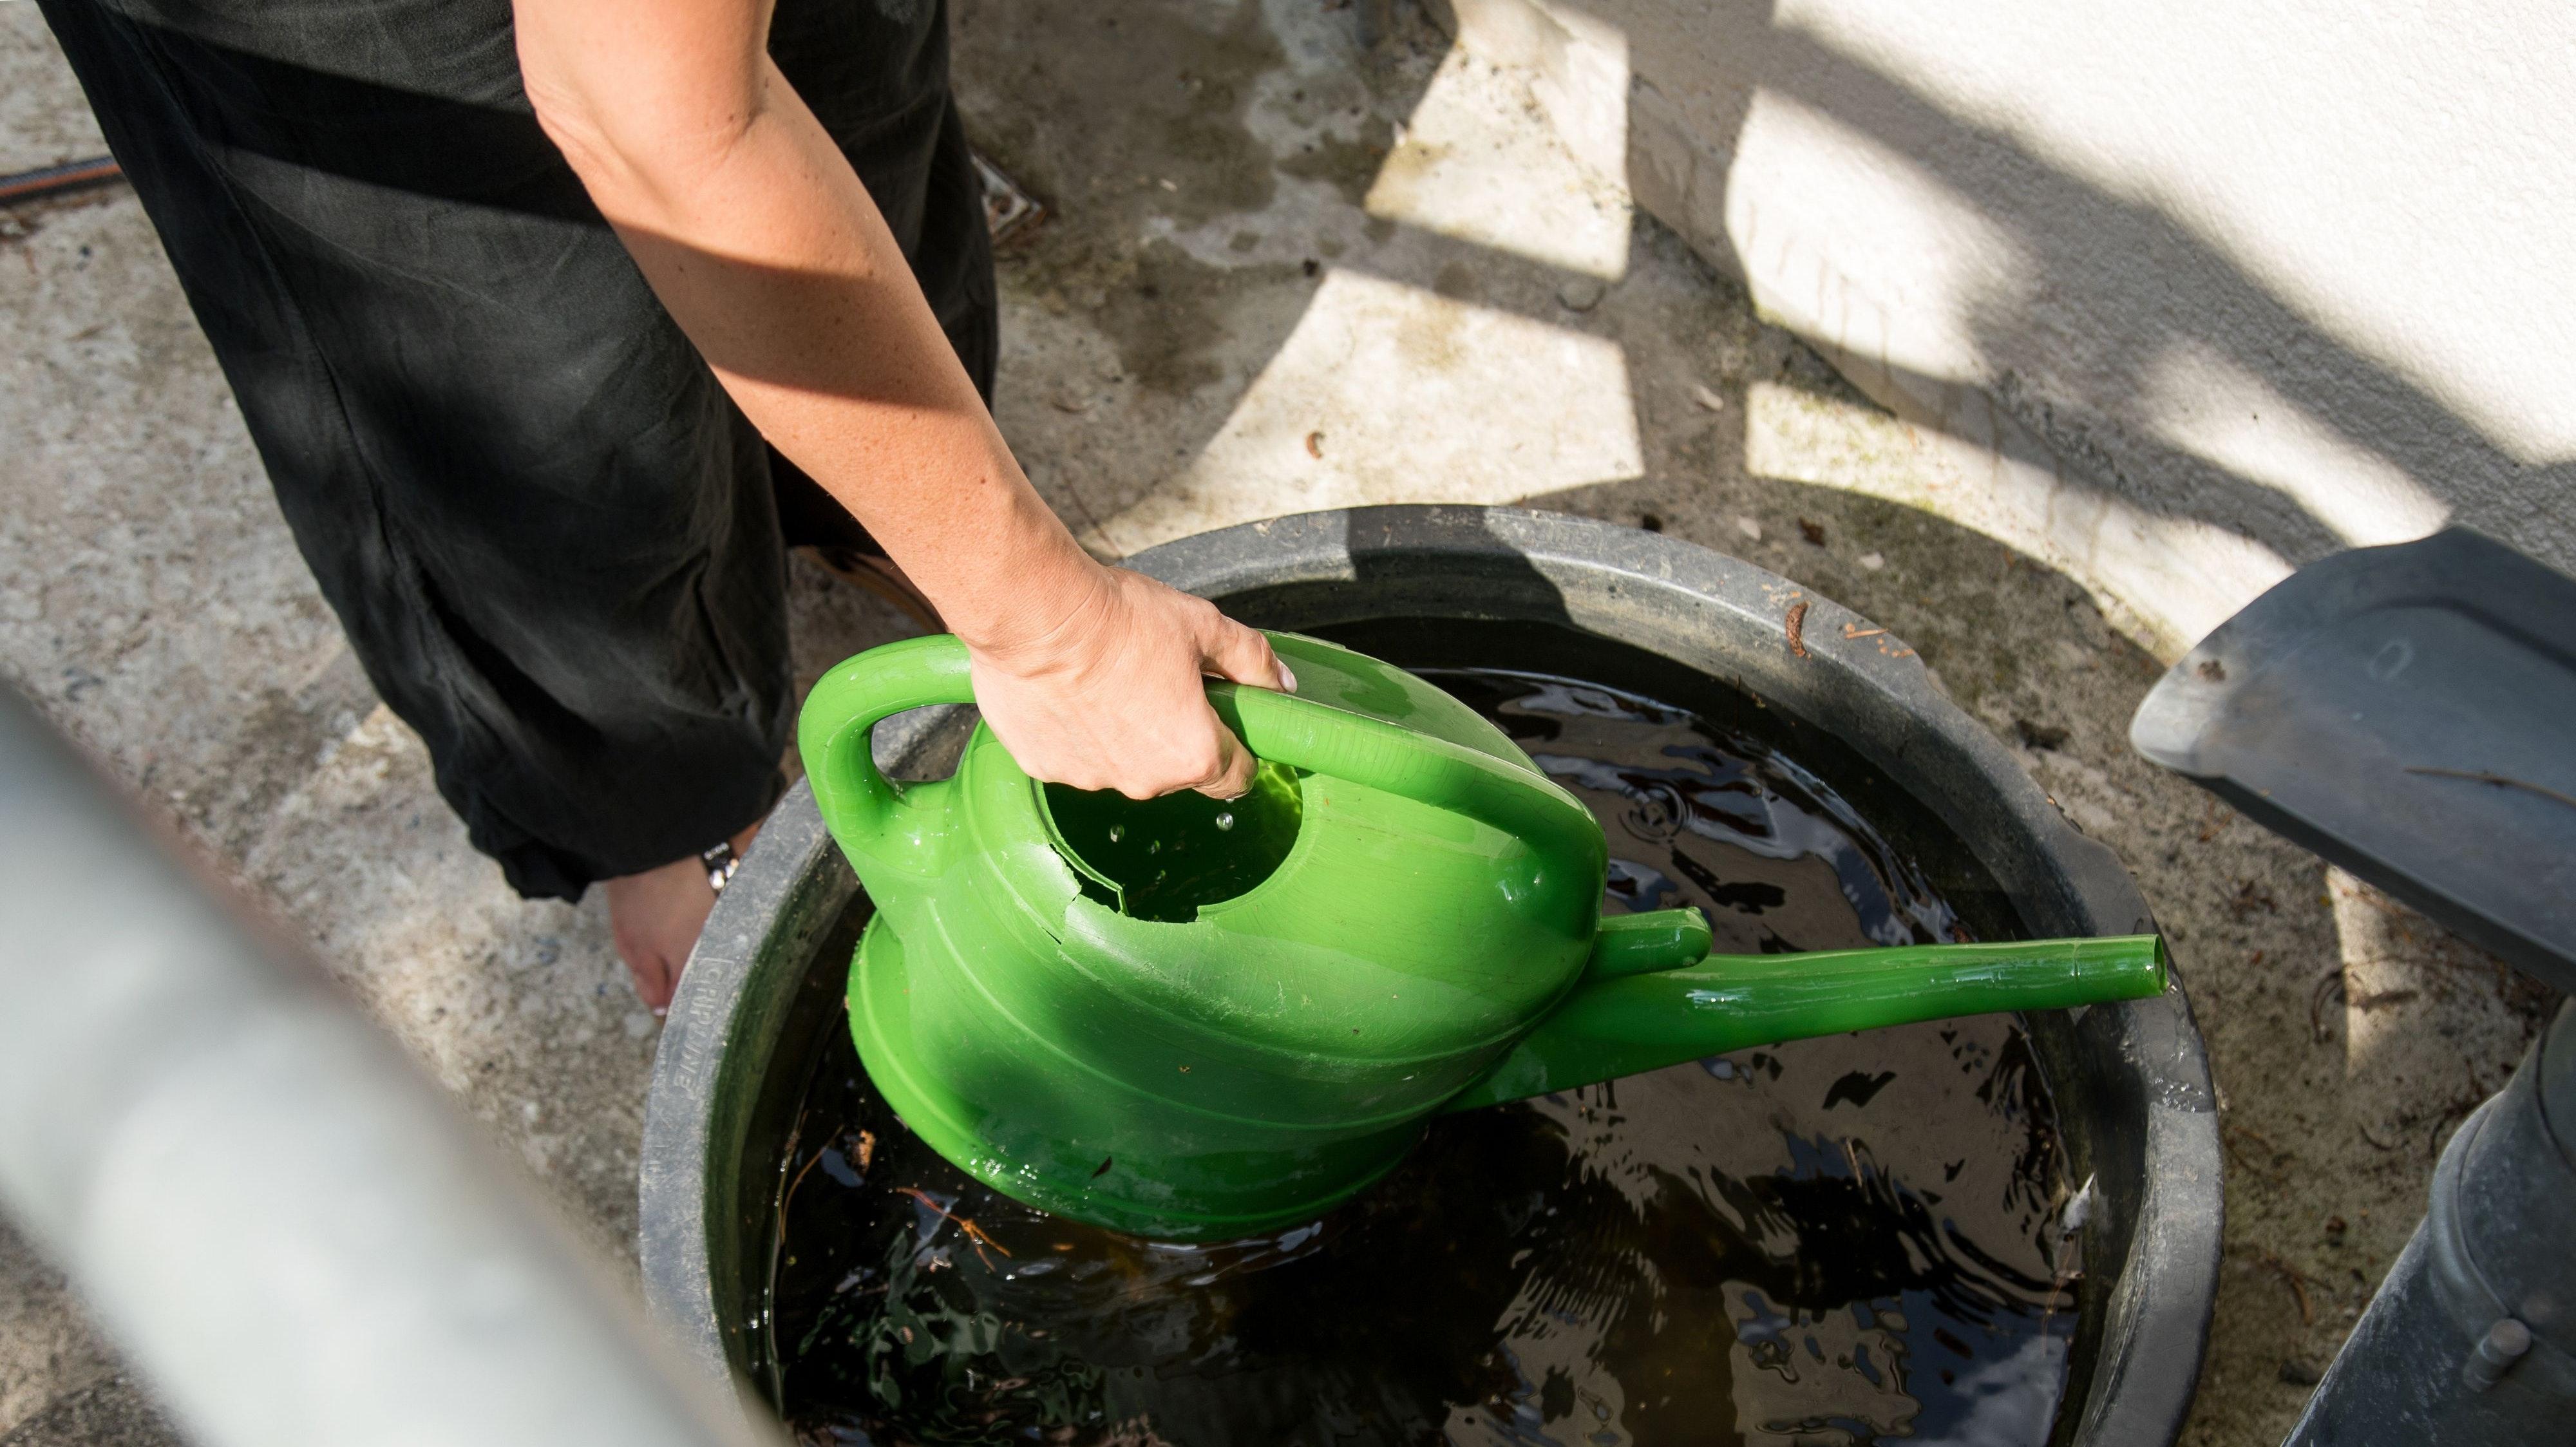 Speichern ist angesagt: Regenwasser zu sammeln, um es zum Beispiel zum Gießen zu verwenden, wollen die Stadt Damme und der OOWV unter bestimmten Voraussetzungen fördern. Foto: dpa/Klose